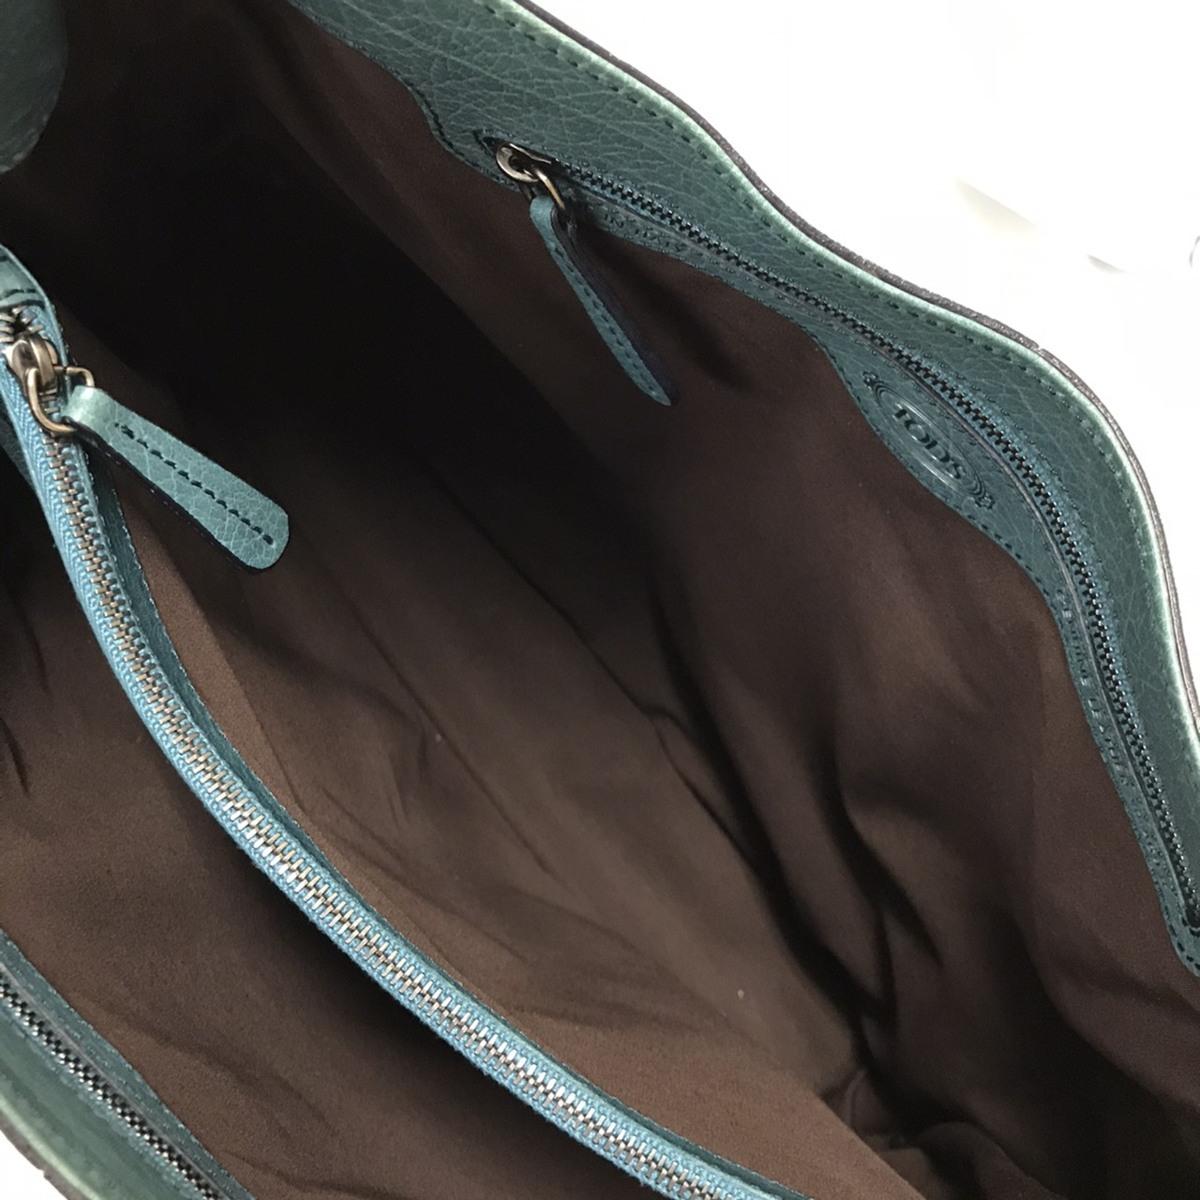 ▽▼TOD'S トッズ ショルダーバッグ トートバッグ ハンドバッグ 肩掛け レザー スエード グリーン系 青緑 通勤 レディース▼▽_画像8